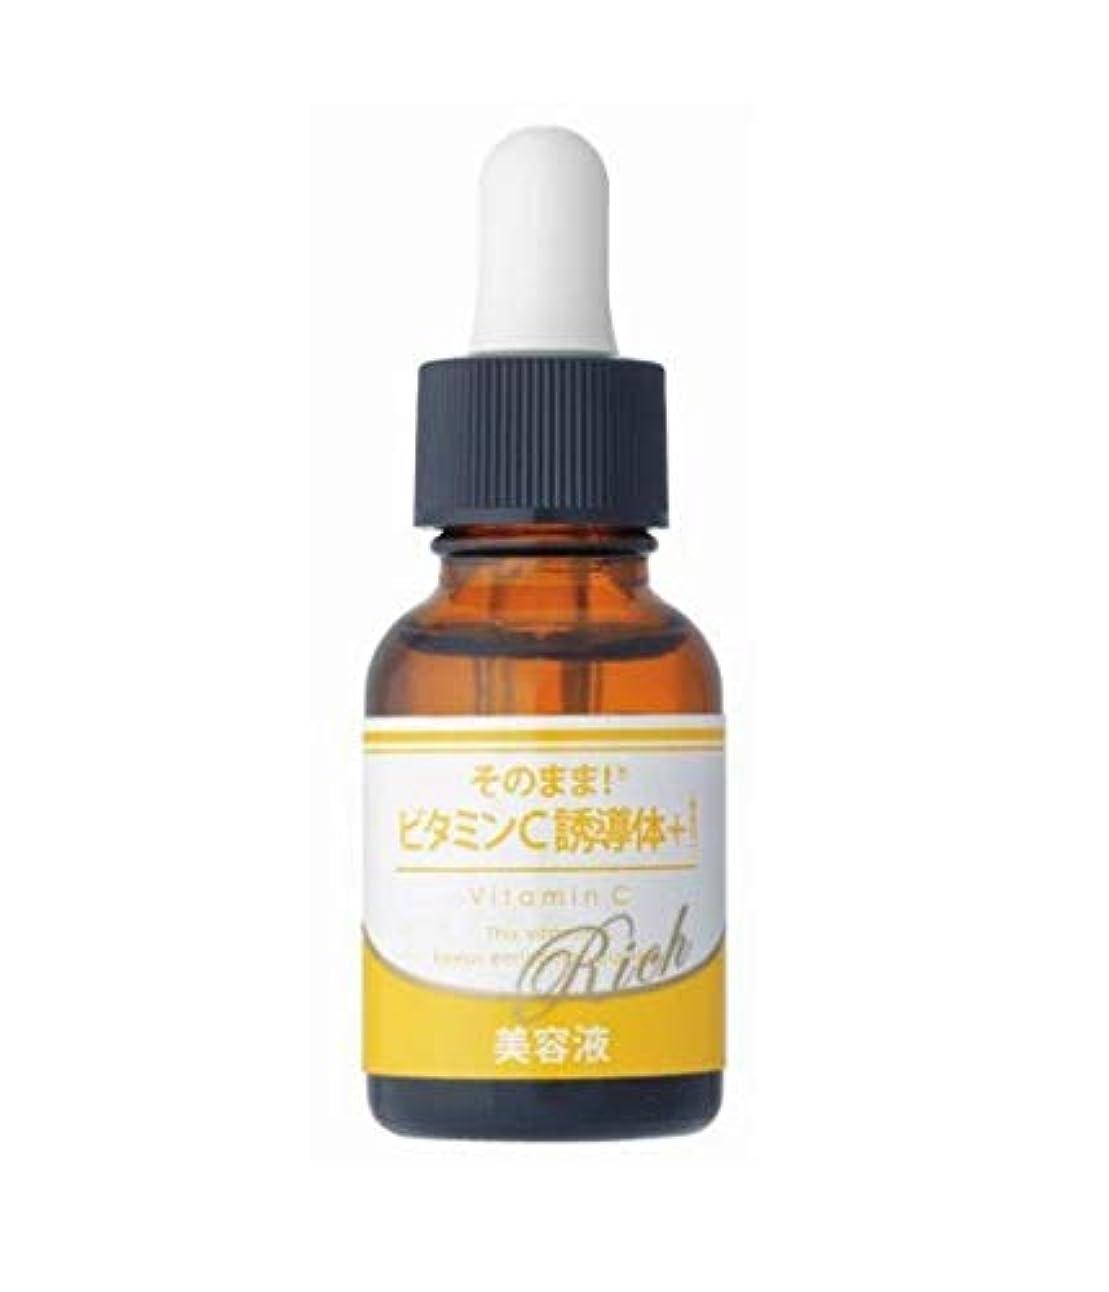 ずらす消化器核【日本製】そのまま! ビタミンC誘導体+リッチ 20mL 美容液スキンケア 肌 美肌 化粧水 美容 ビタミンC